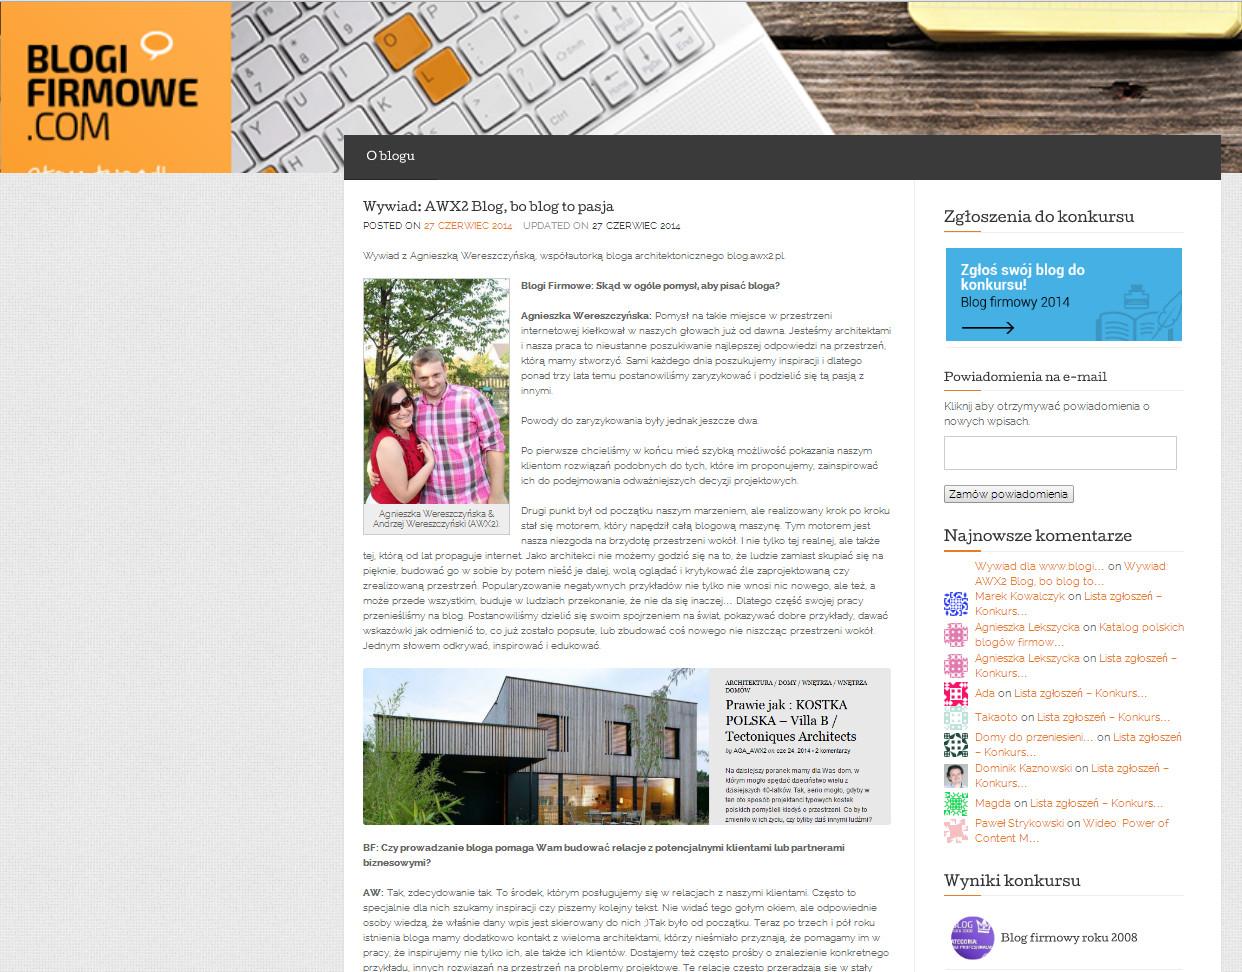 wywiad-awx2-blogifirmowe